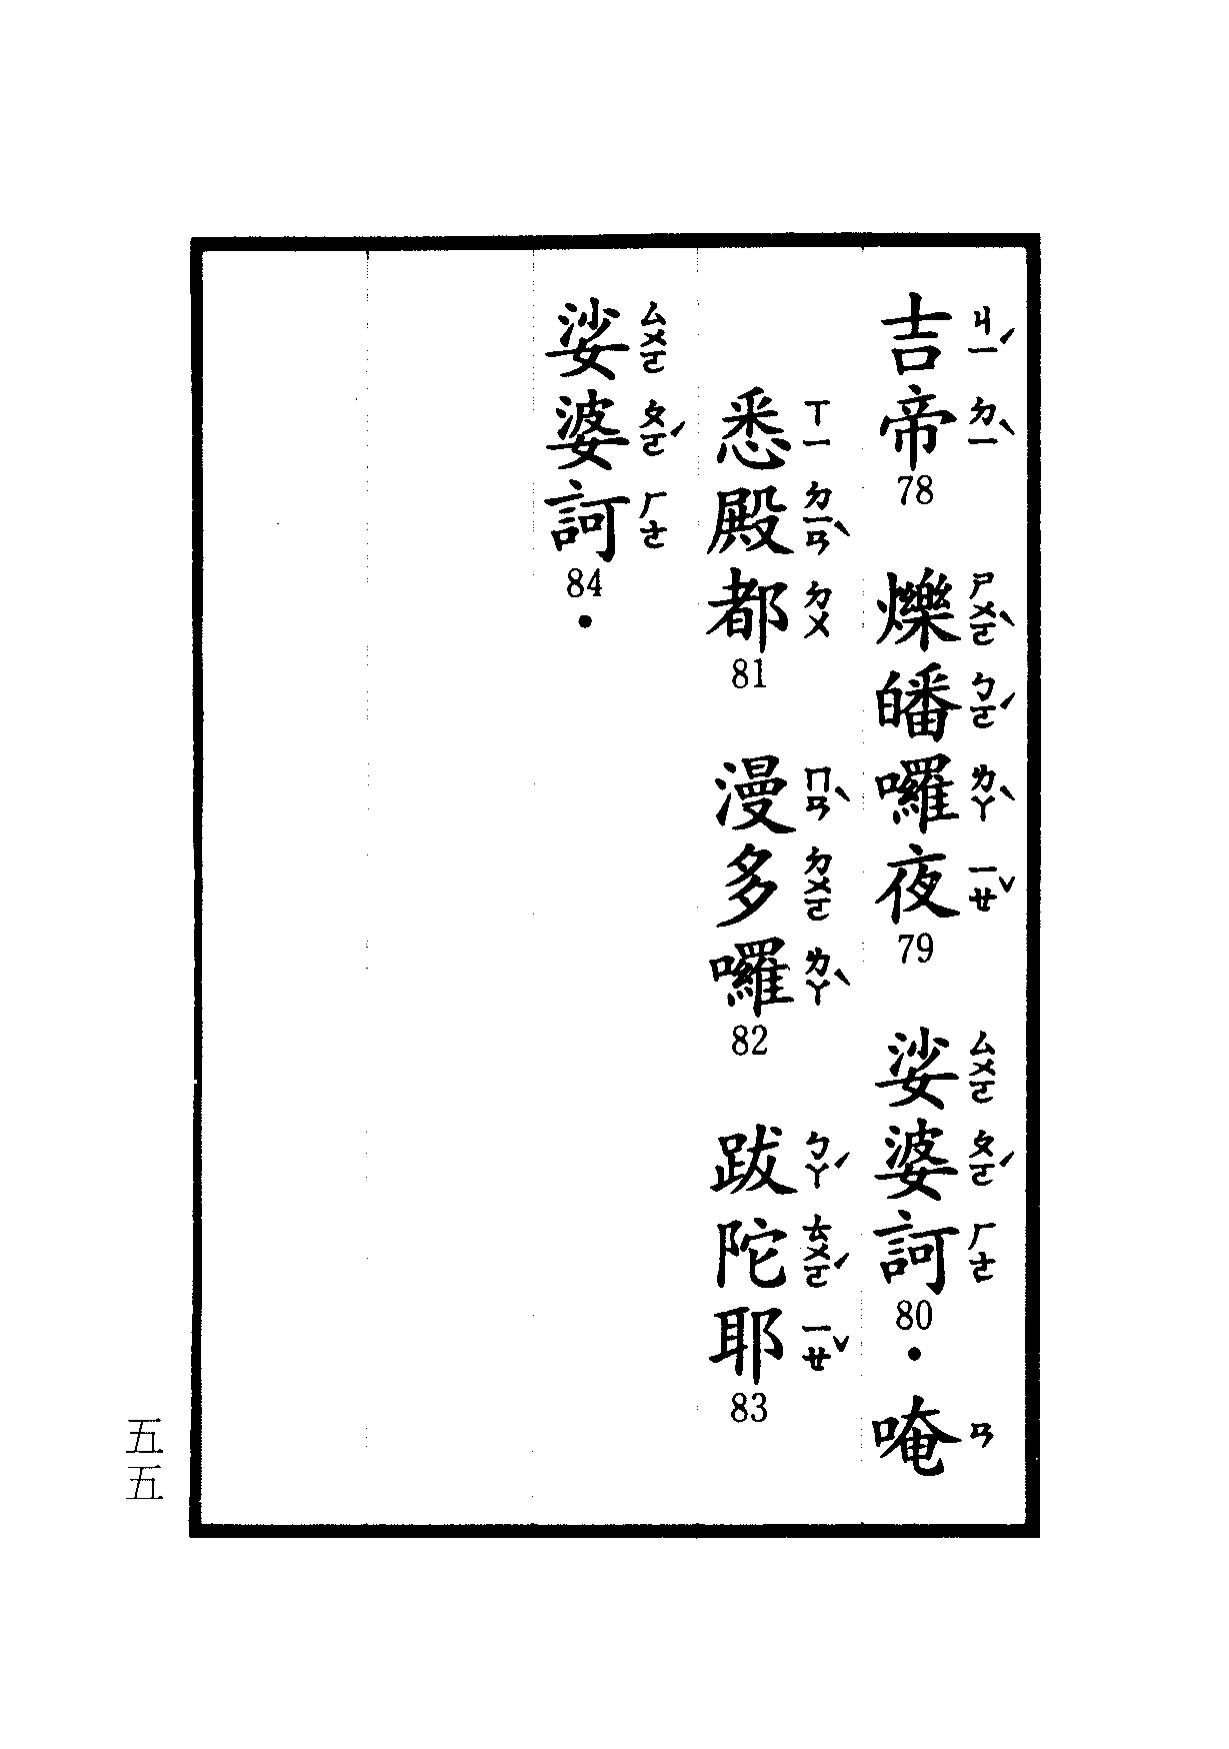 楞嚴咒-大悲咒-十小咒-易背本 61.png